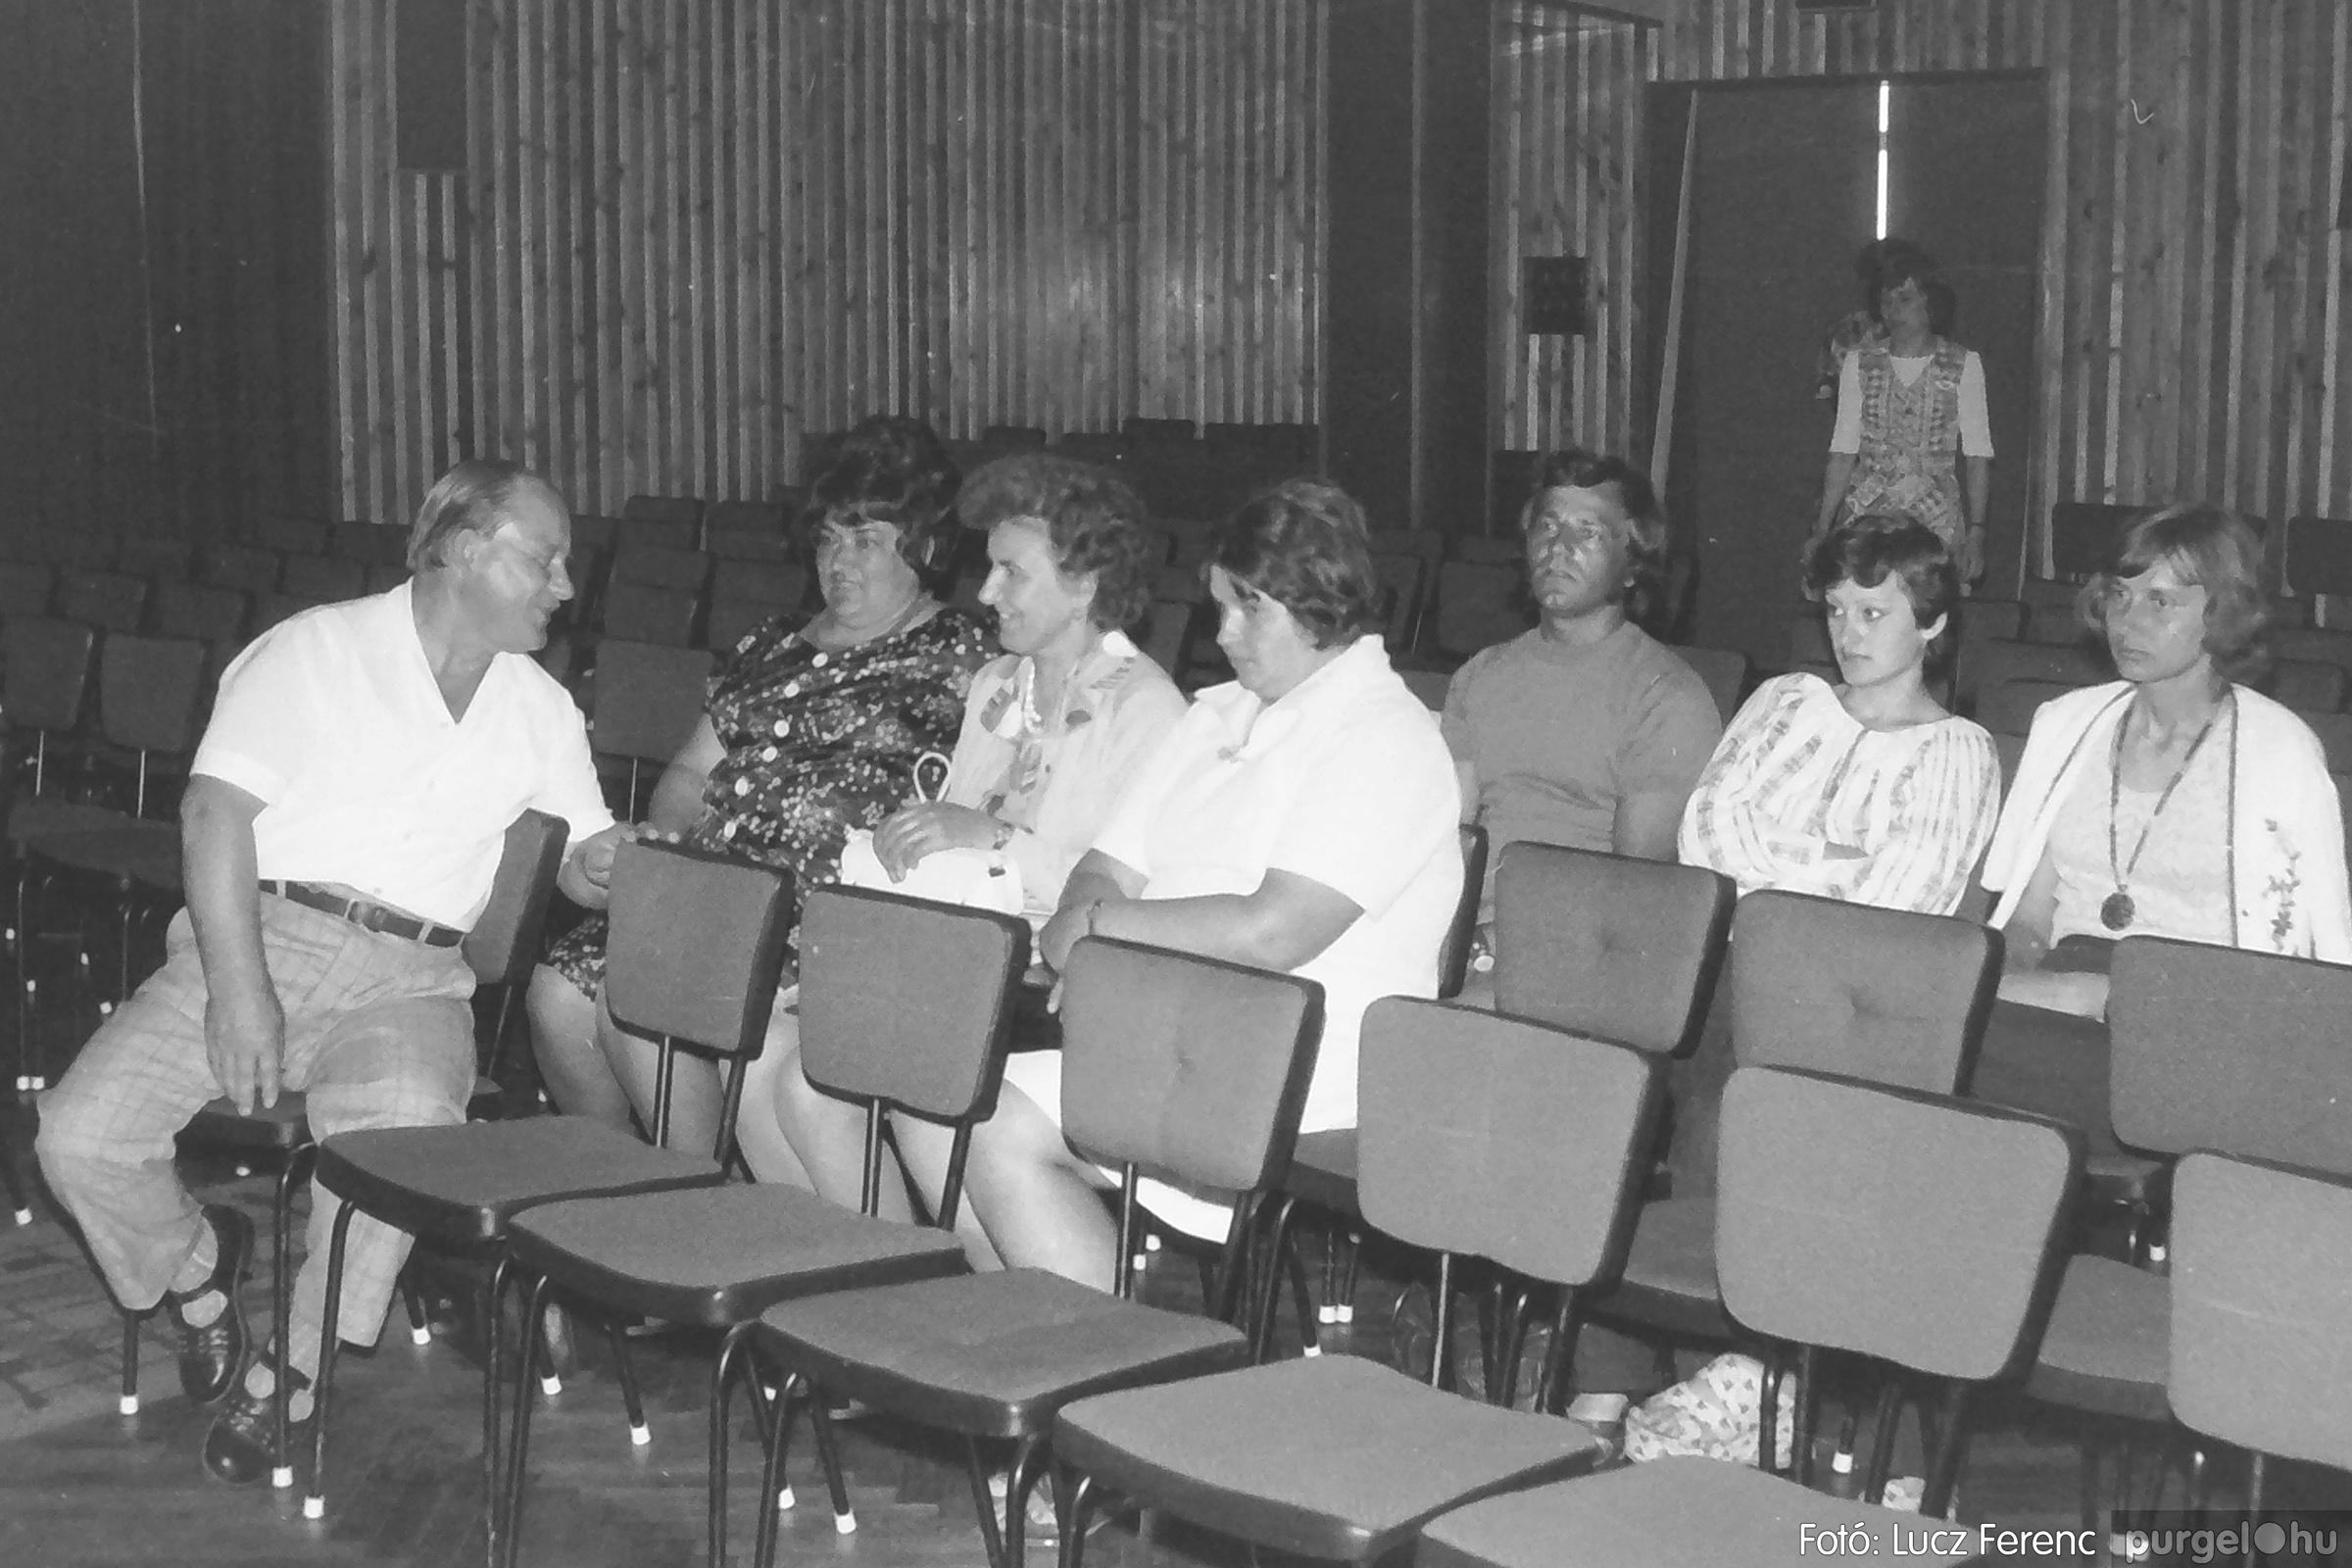 081. 1977. Kendergyári dolgozók vetélkedője 006. - Fotó: Lucz Ferenc.jpg